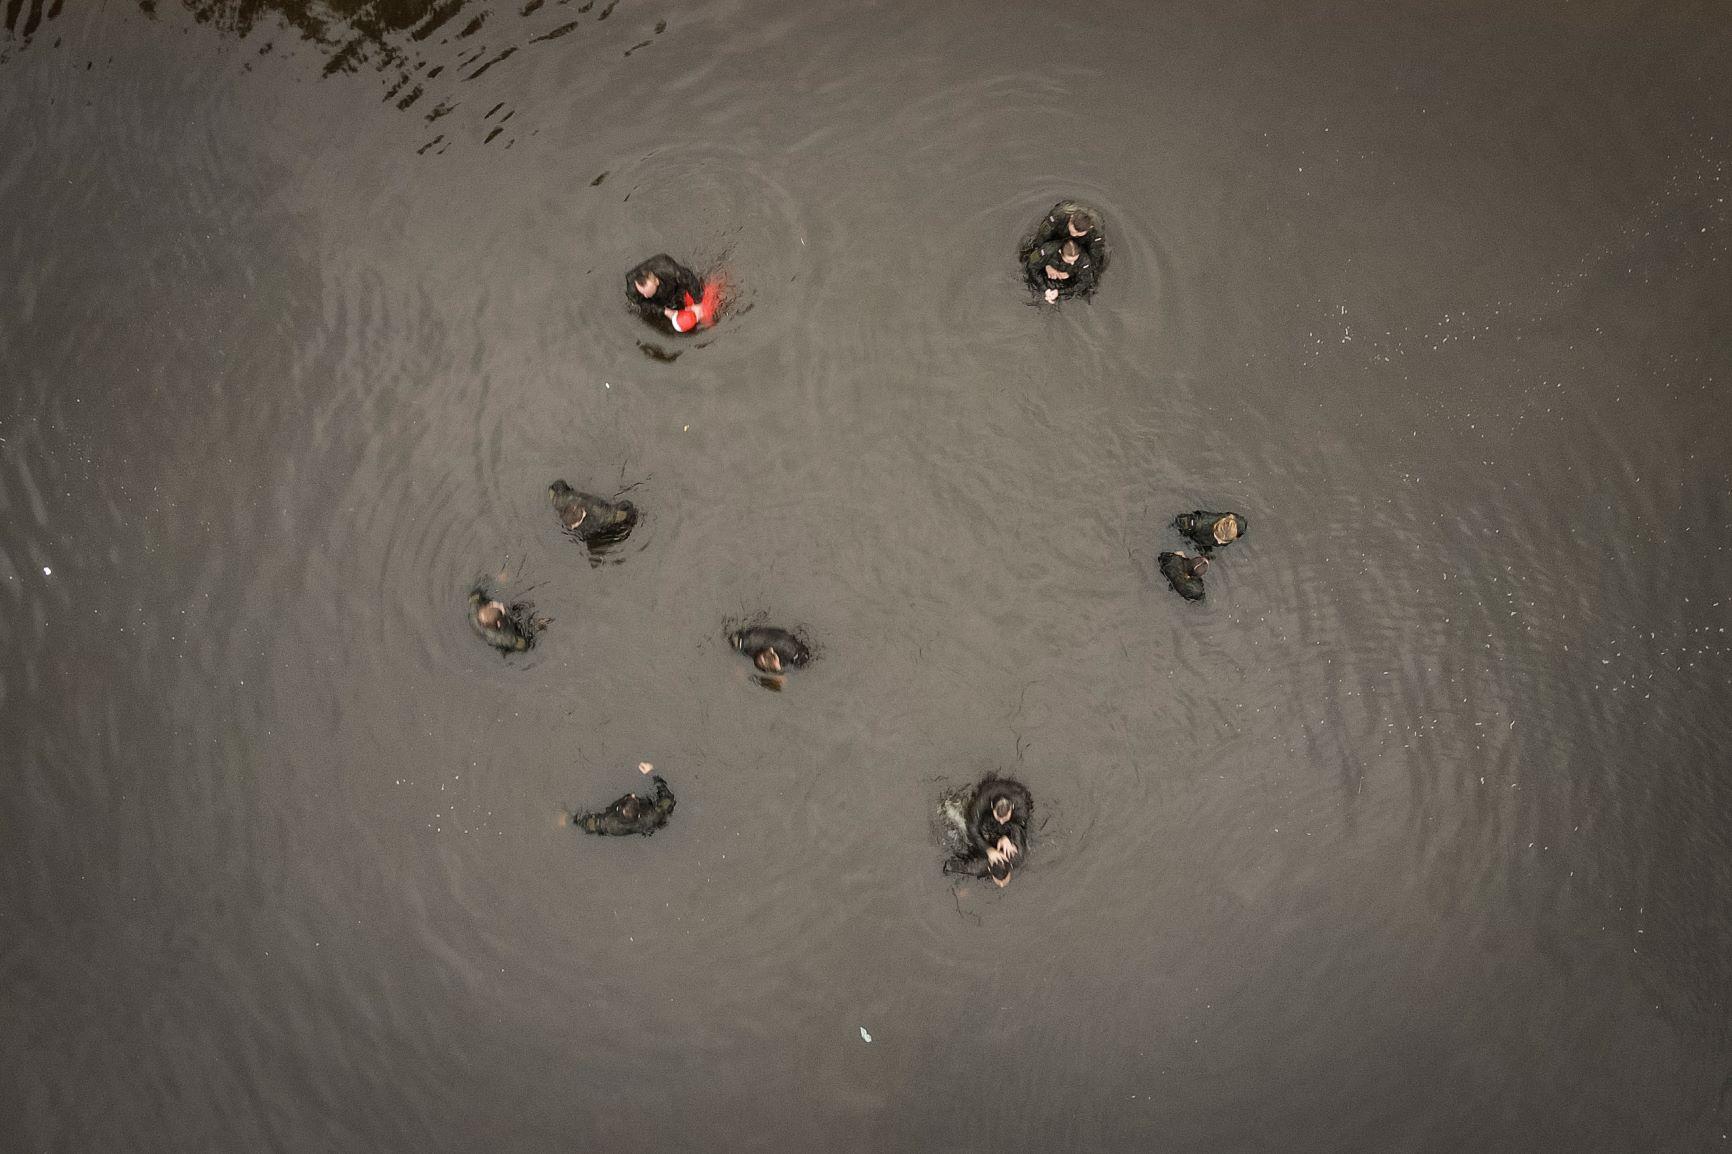 2 lbot cwiczenia z wopr jacnia 03072021 4 Akcja ratownicza na zalewie w Jacni z udziałem zamojskich Terytorialsów i WOPRU